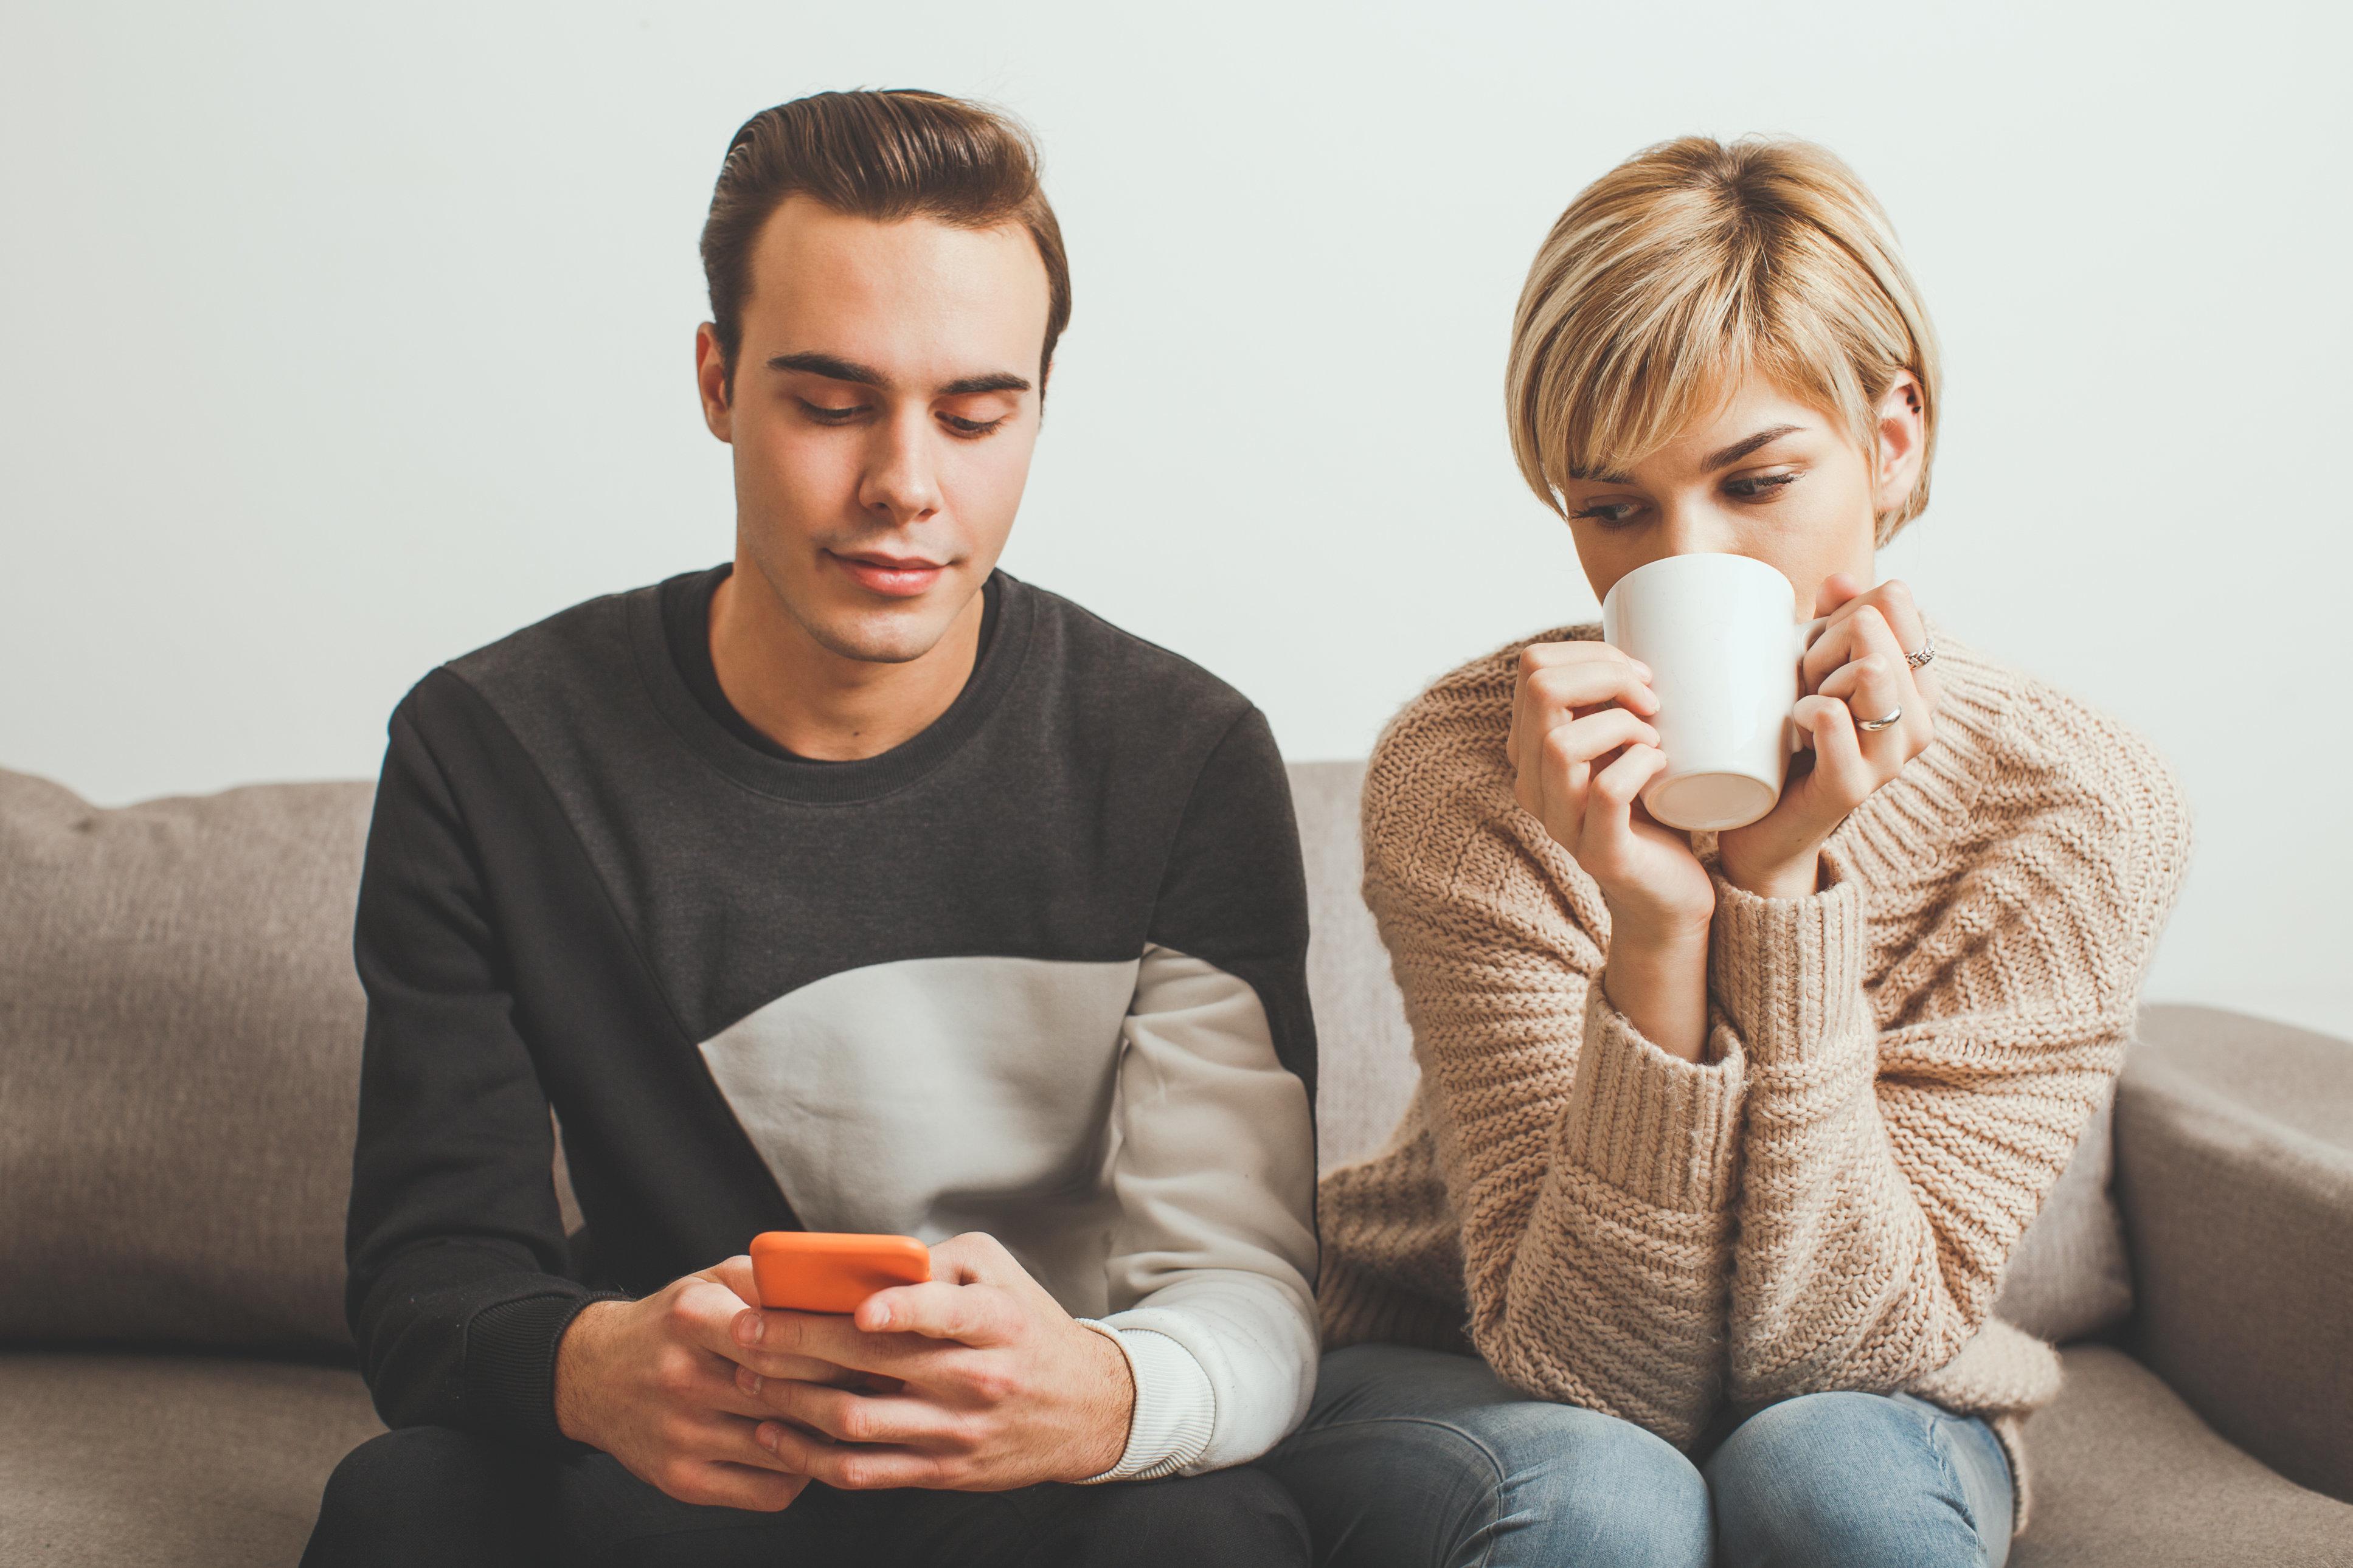 Por que pessoas em relacionamentos felizes também traem seus